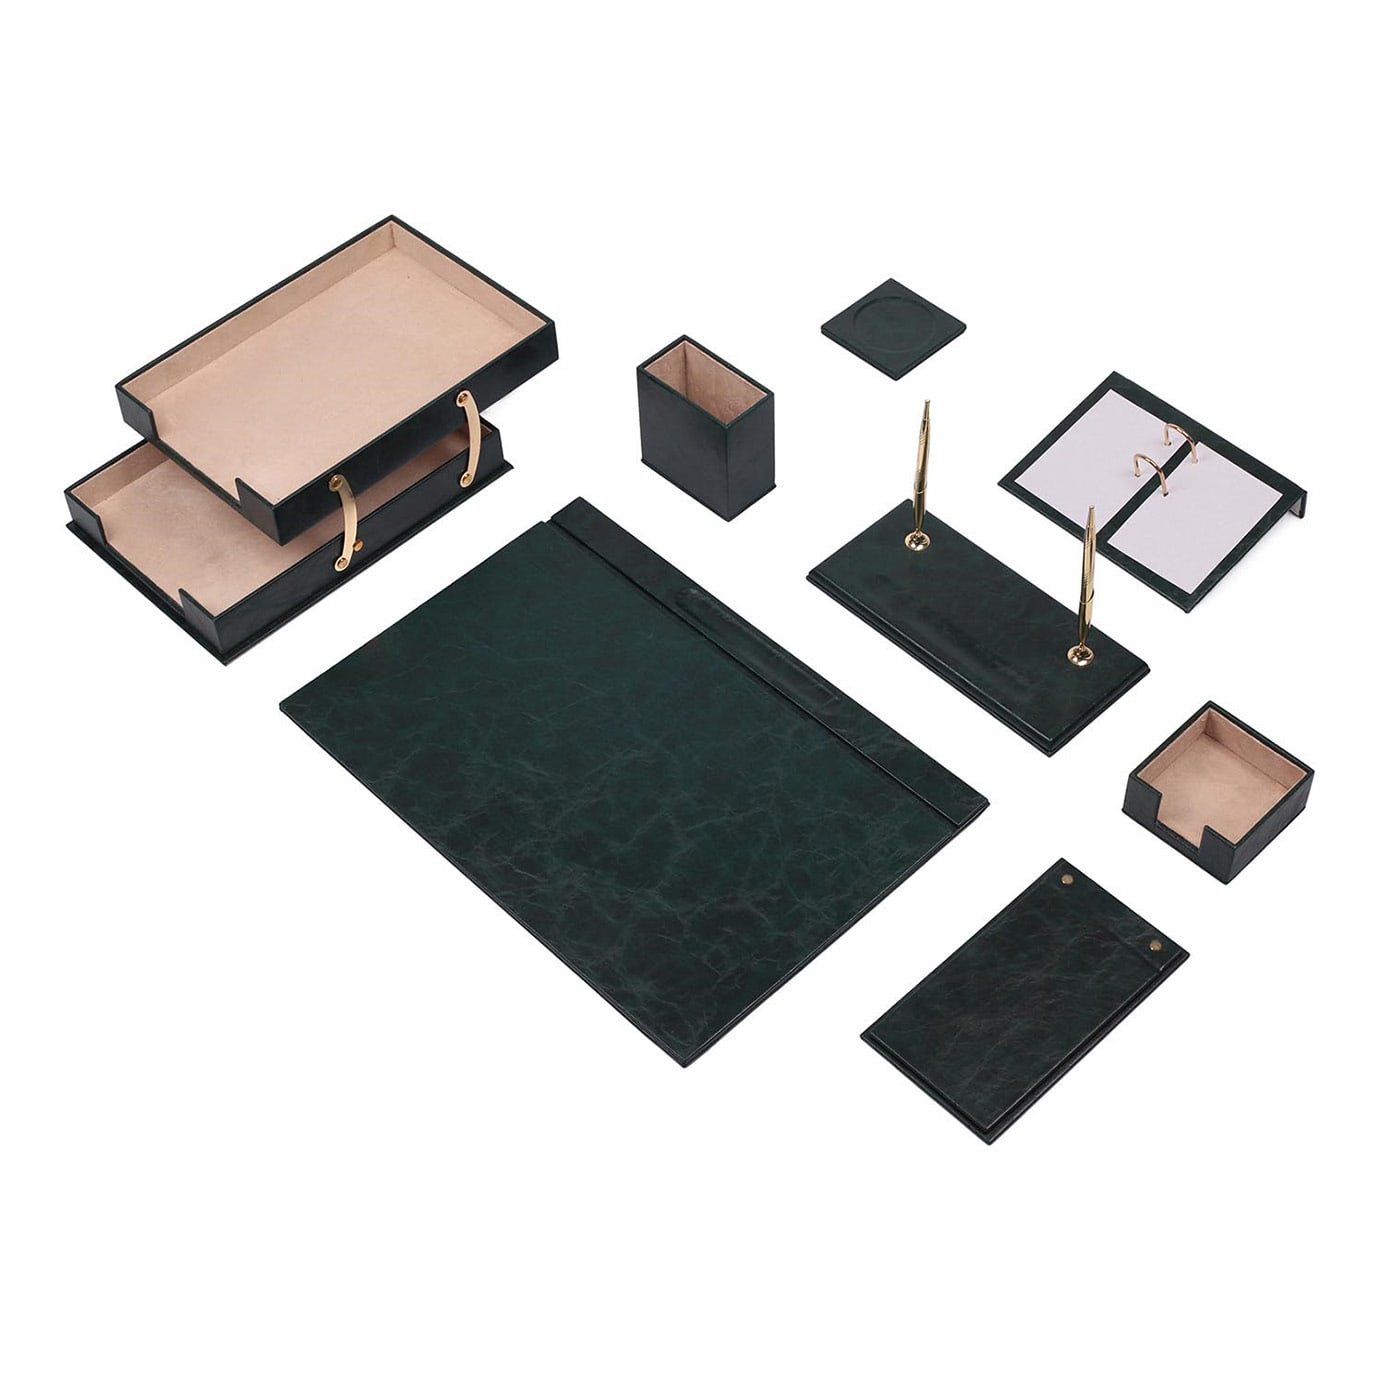 Leather Desk Set 10 Pieces Double